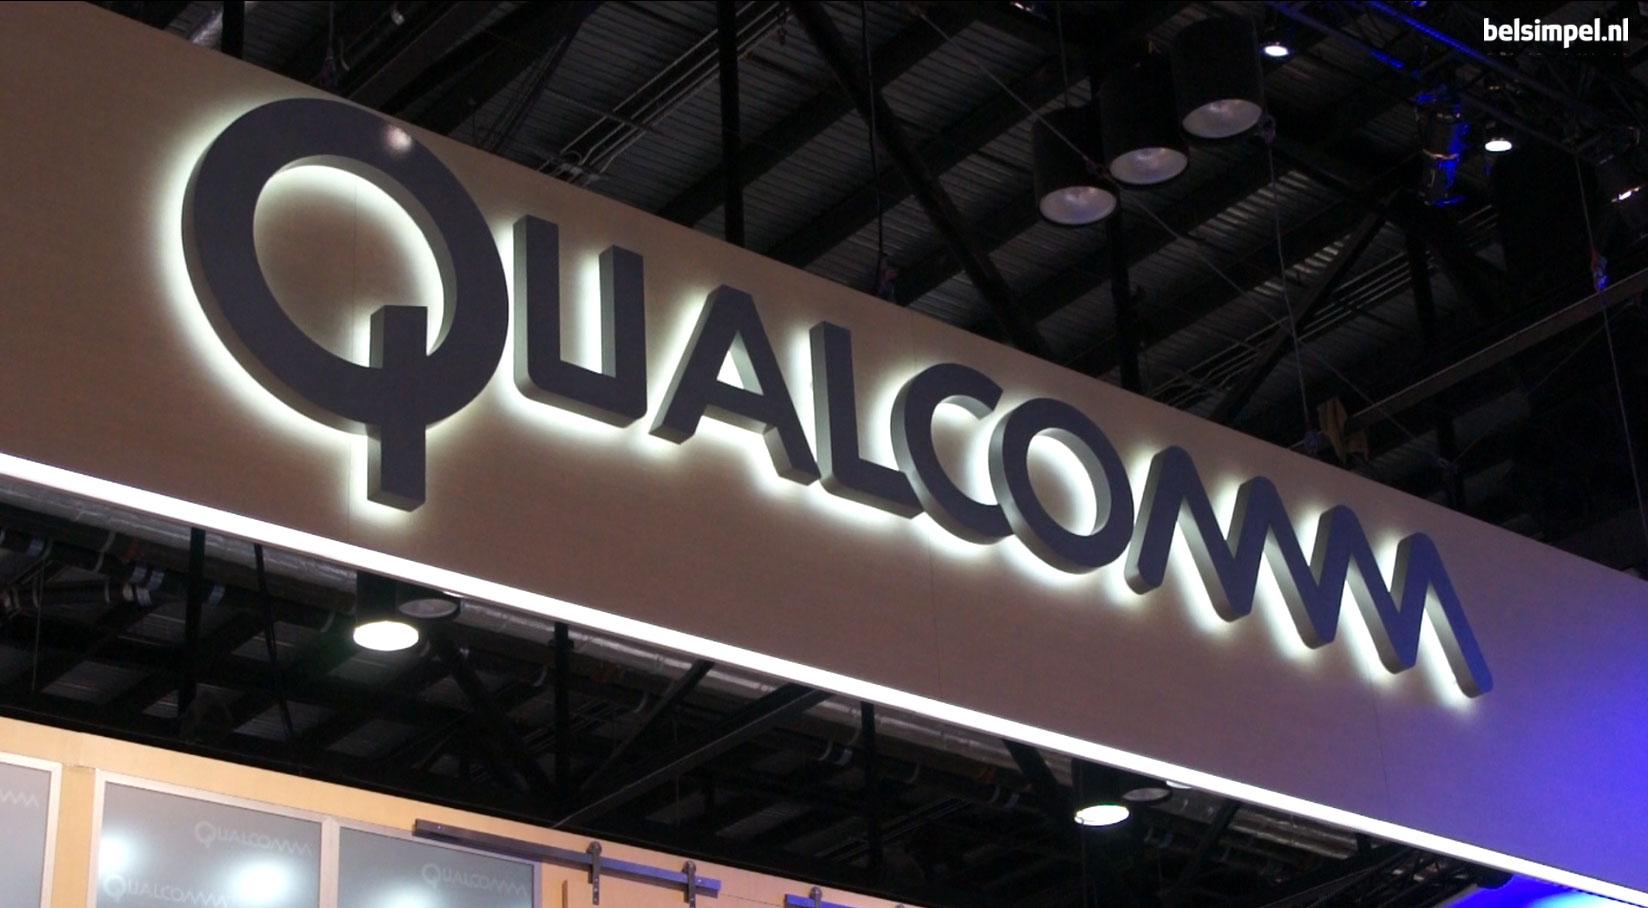 Nieuwste chip van Qualcomm is 27 procent sneller dan voorganger!